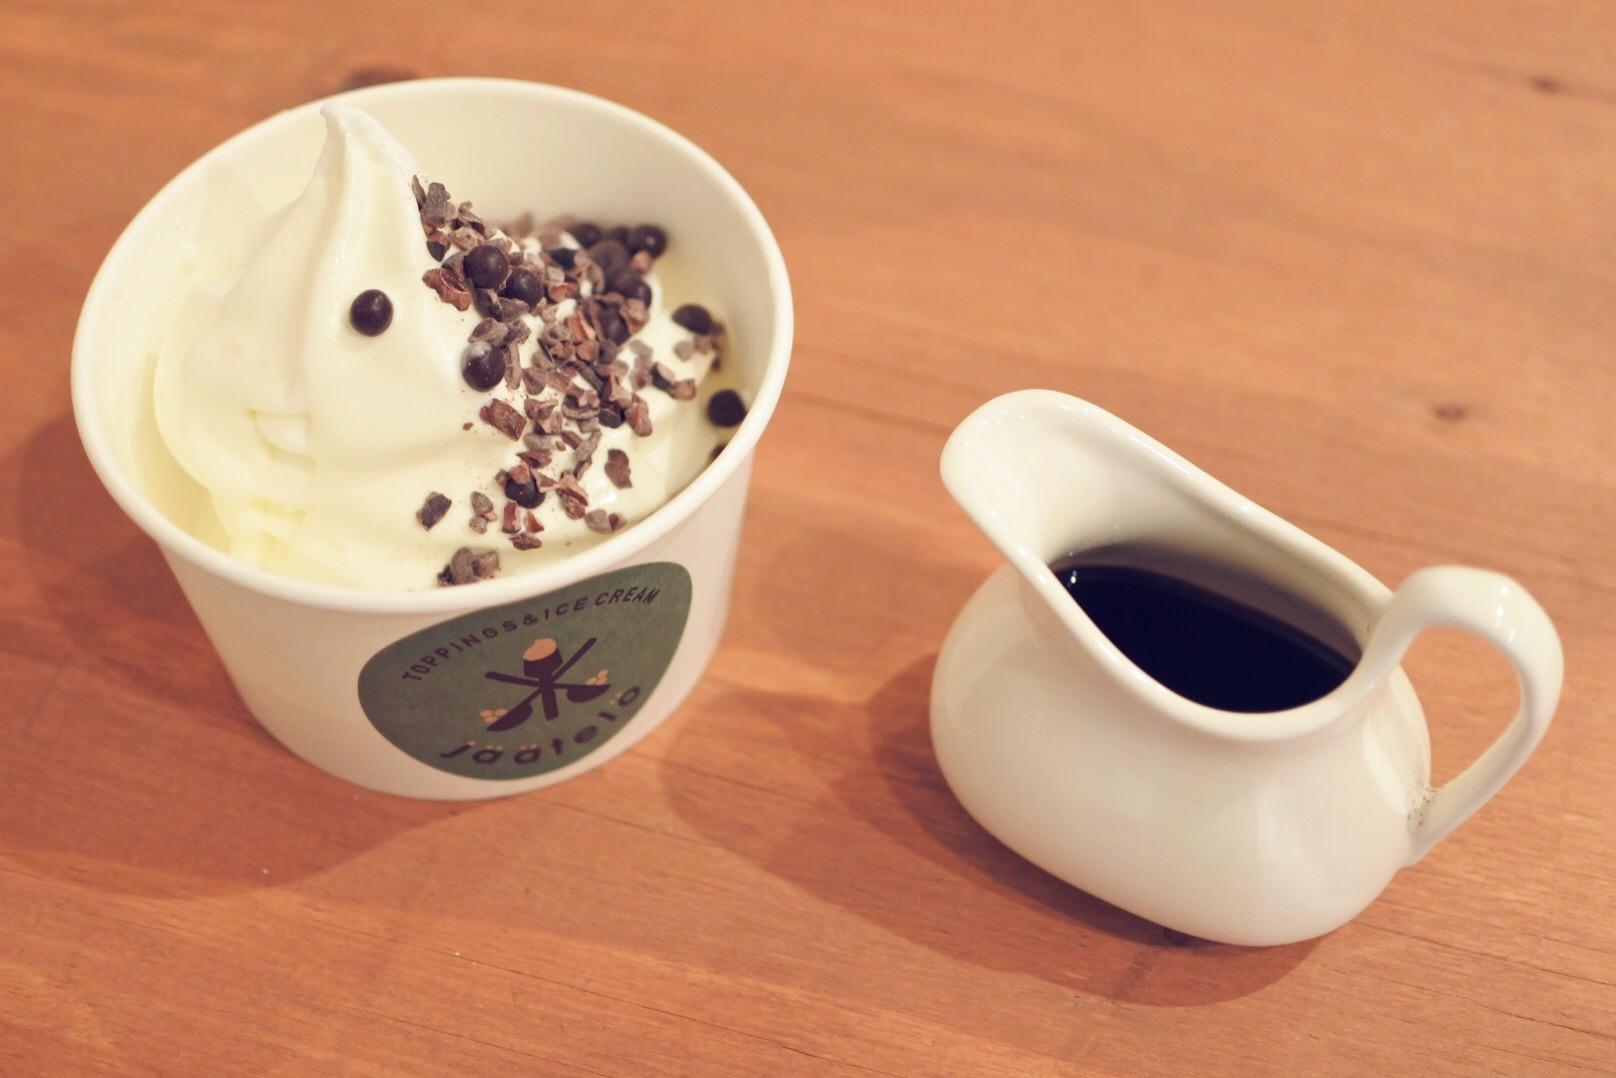 アフォガードにクリームぜんざい!?『アニーのアイスクリーム屋さん』の冬メニュー - IMG 6913